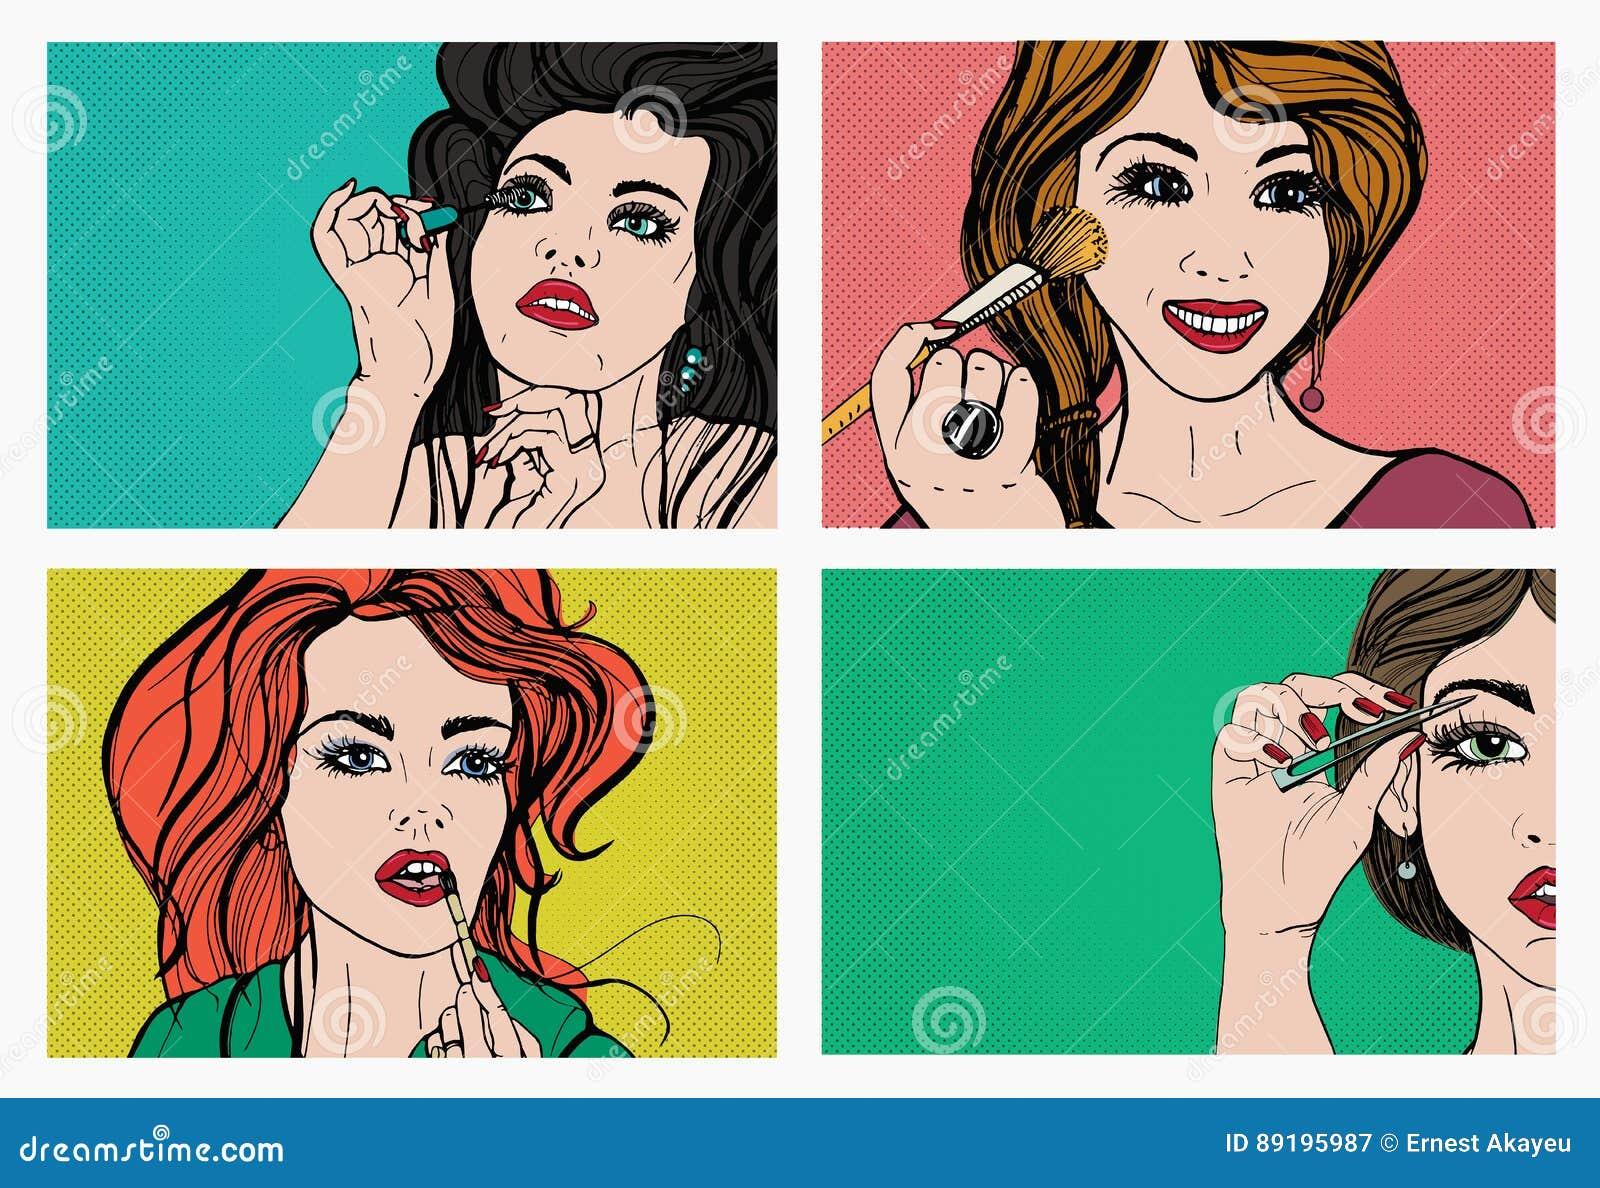 执行构成妇女 有化妆用品的,唇膏,眼眉,皮肤,染睫毛油美丽的女孩 流行艺术,减速火箭,漫画样式集合